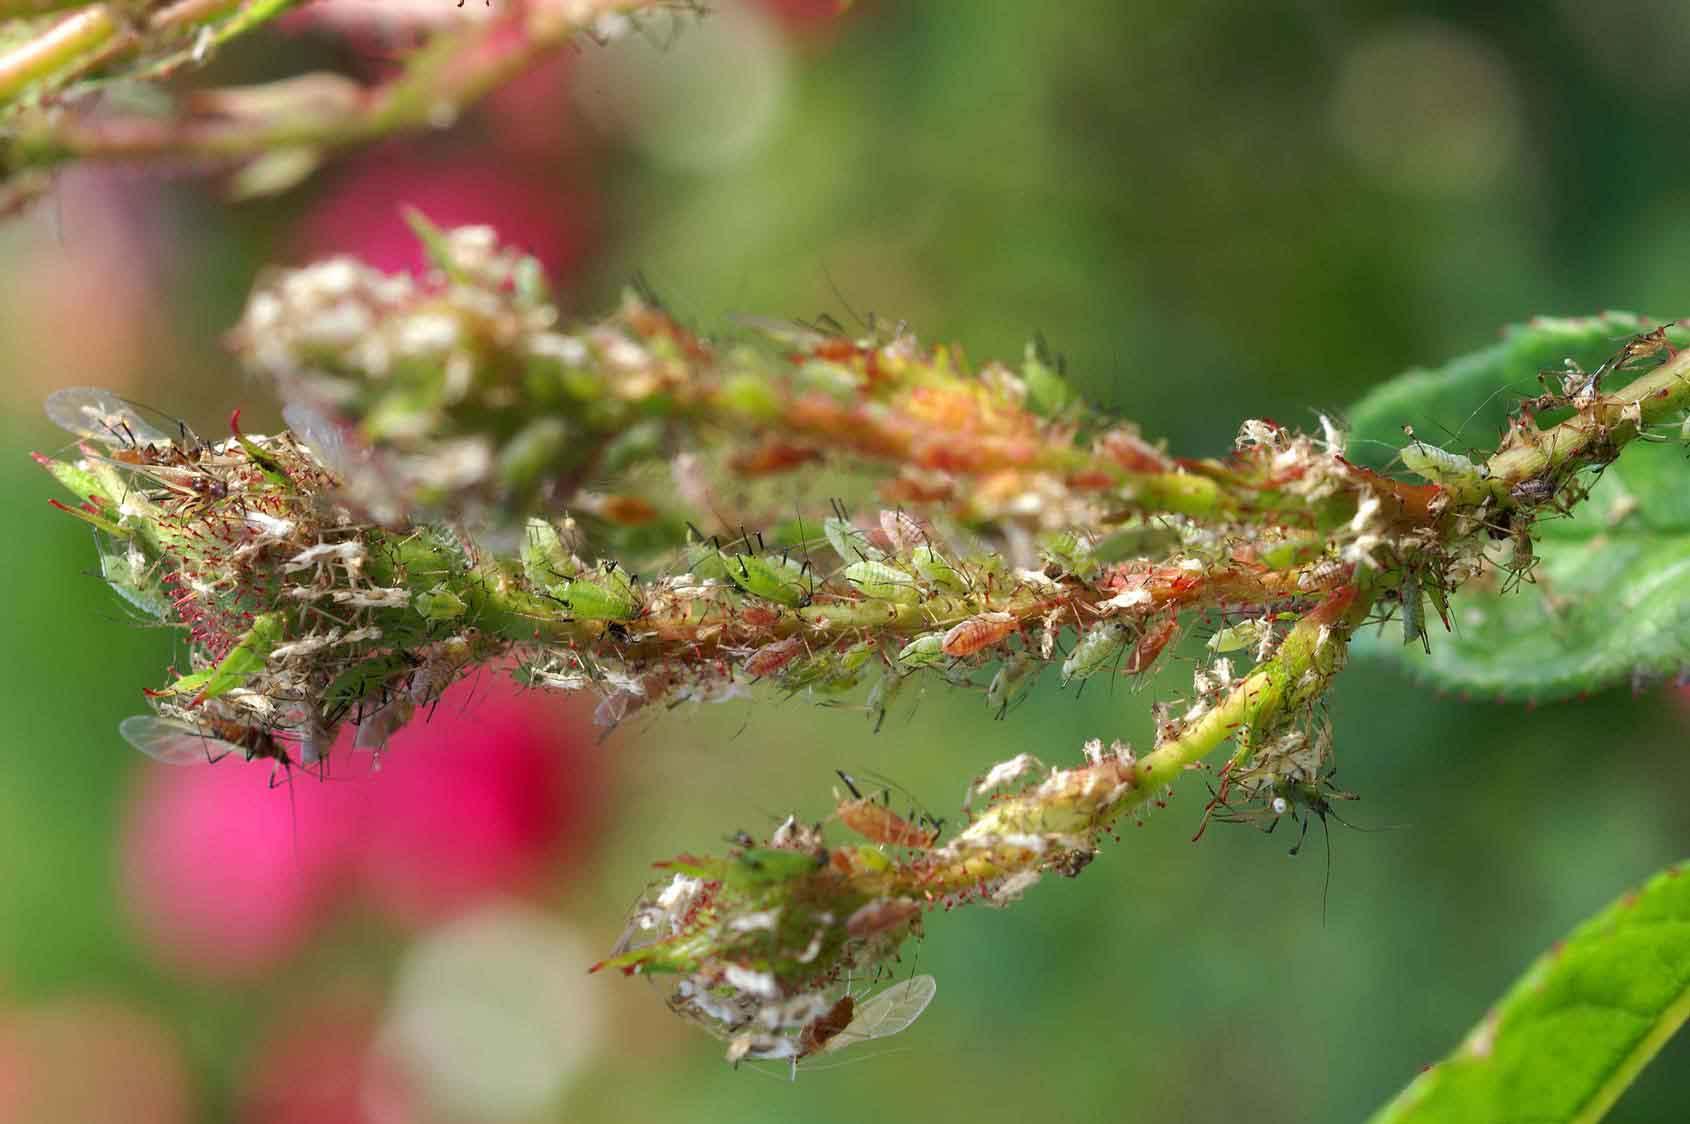 Nützliche gegen Schädlinge